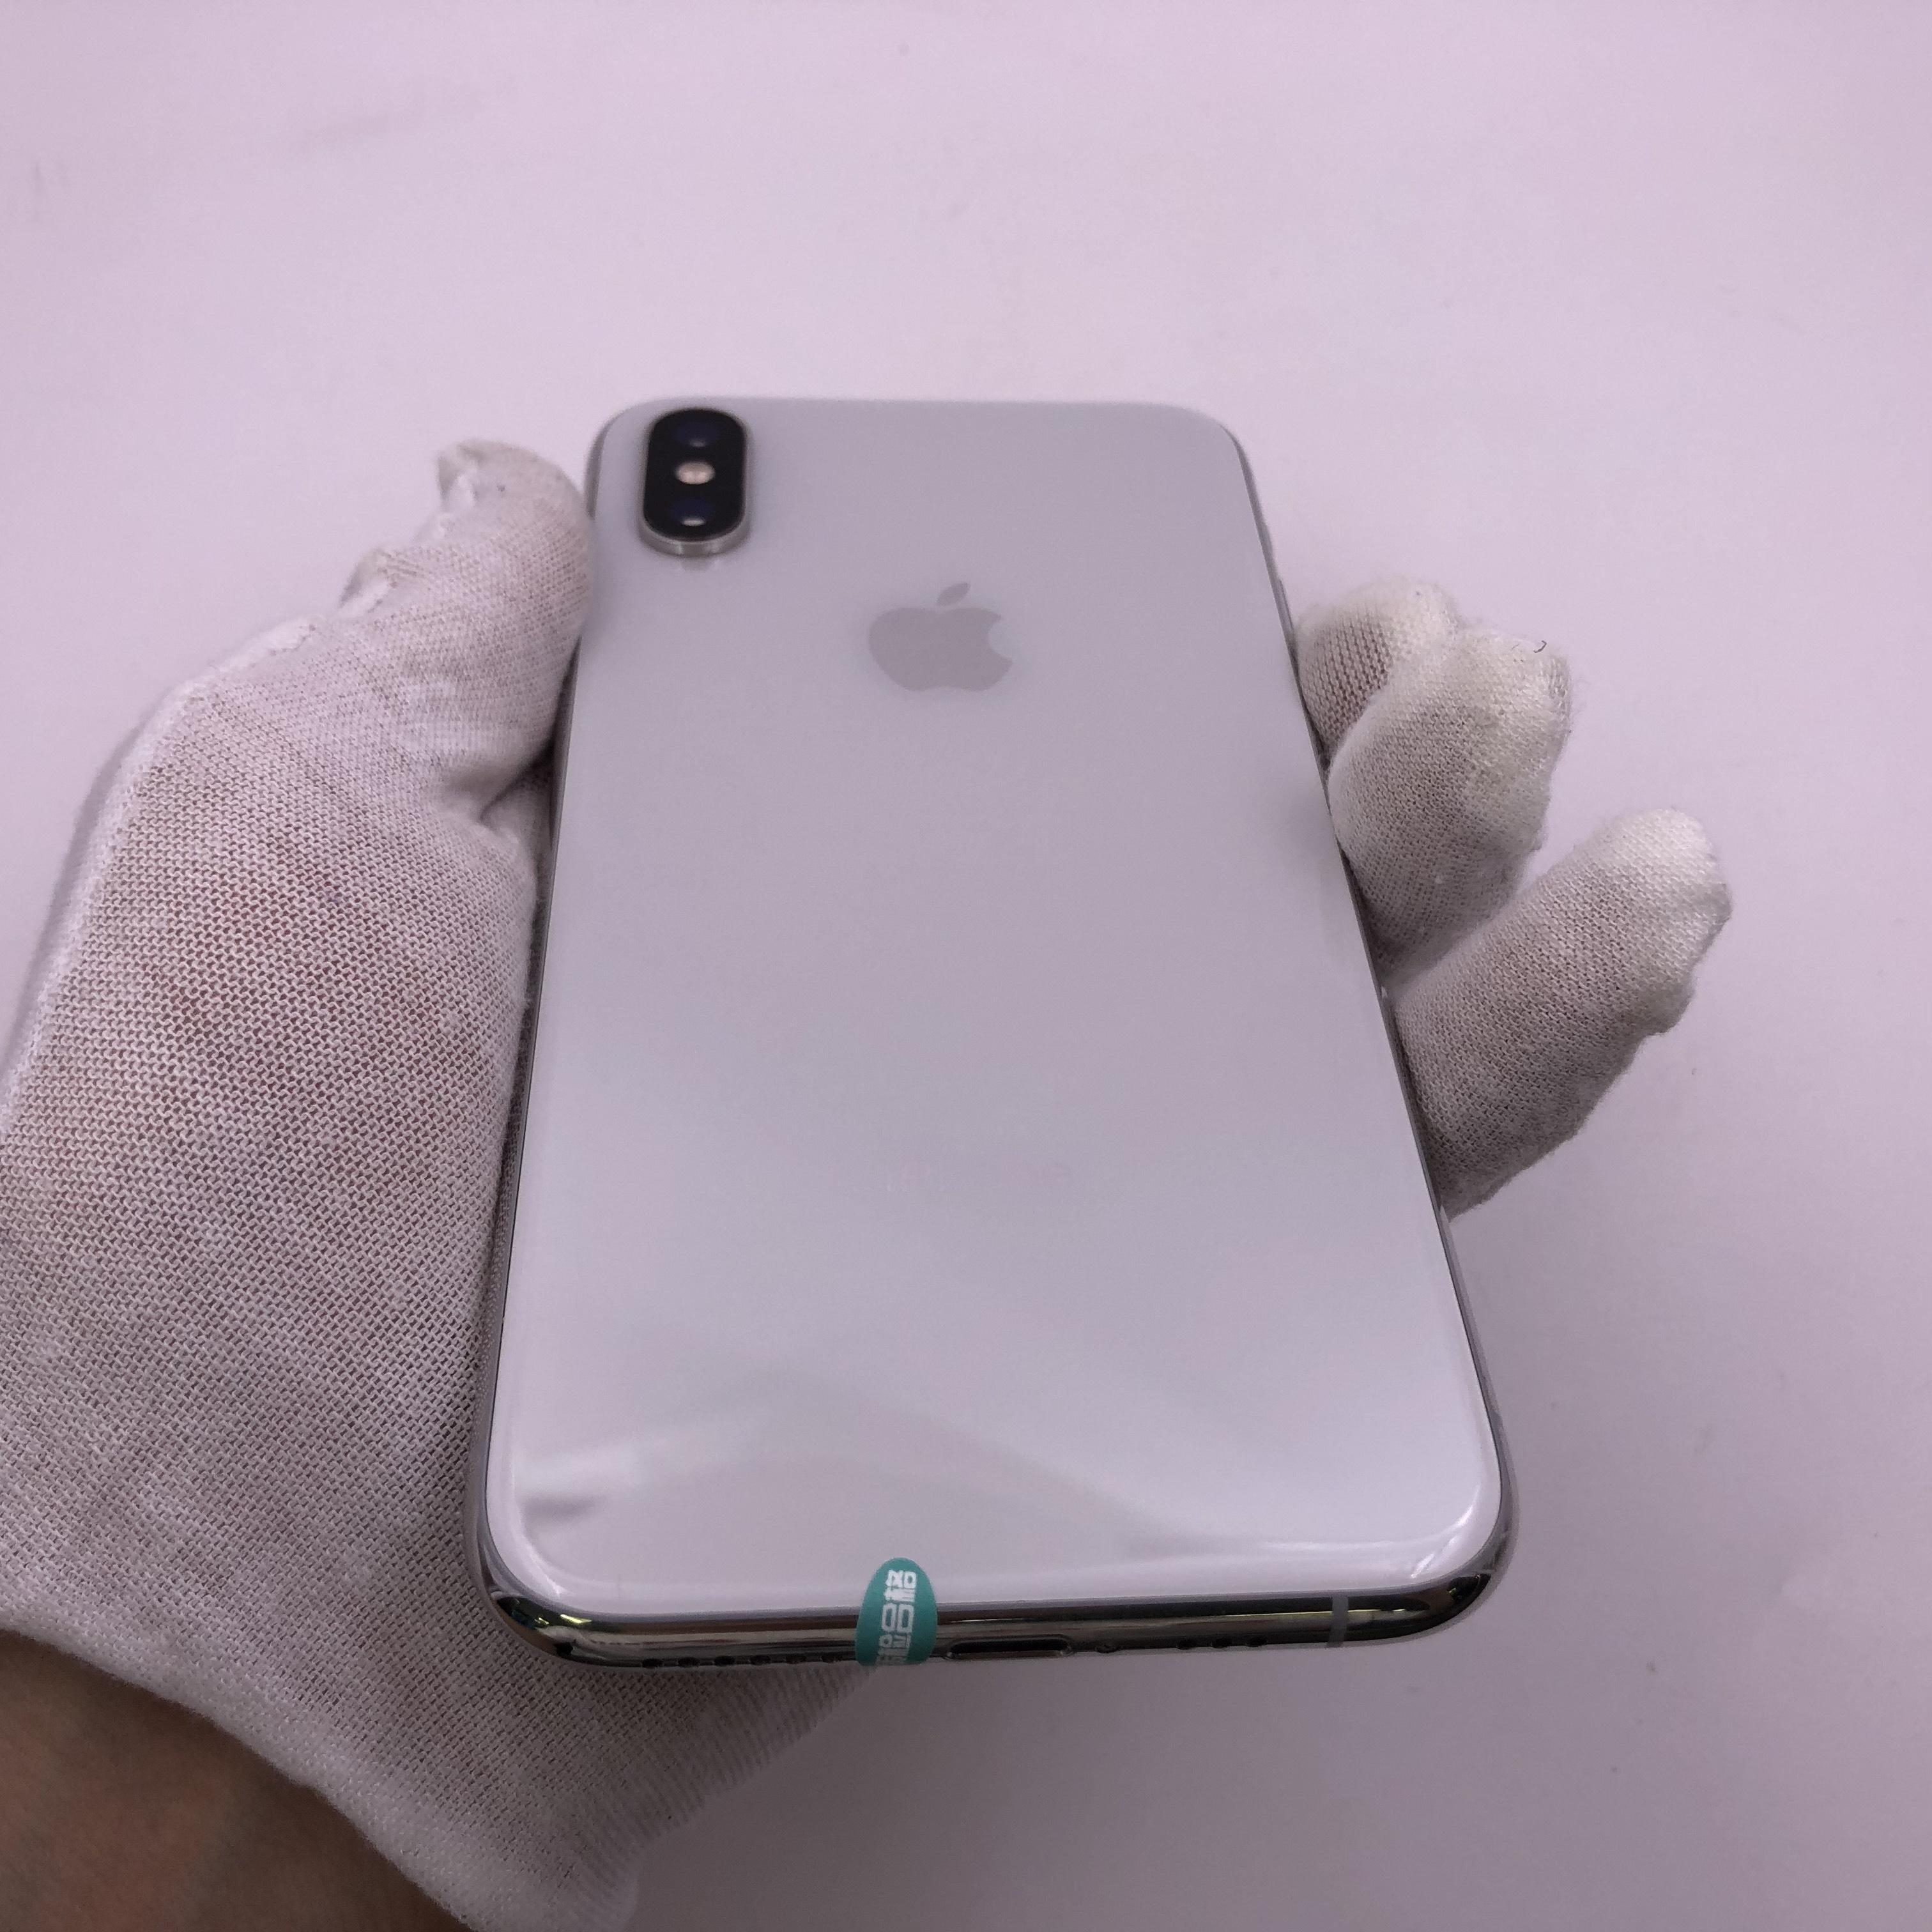 苹果【iPhone Xs】4G全网通 银色 64G 国行 95新